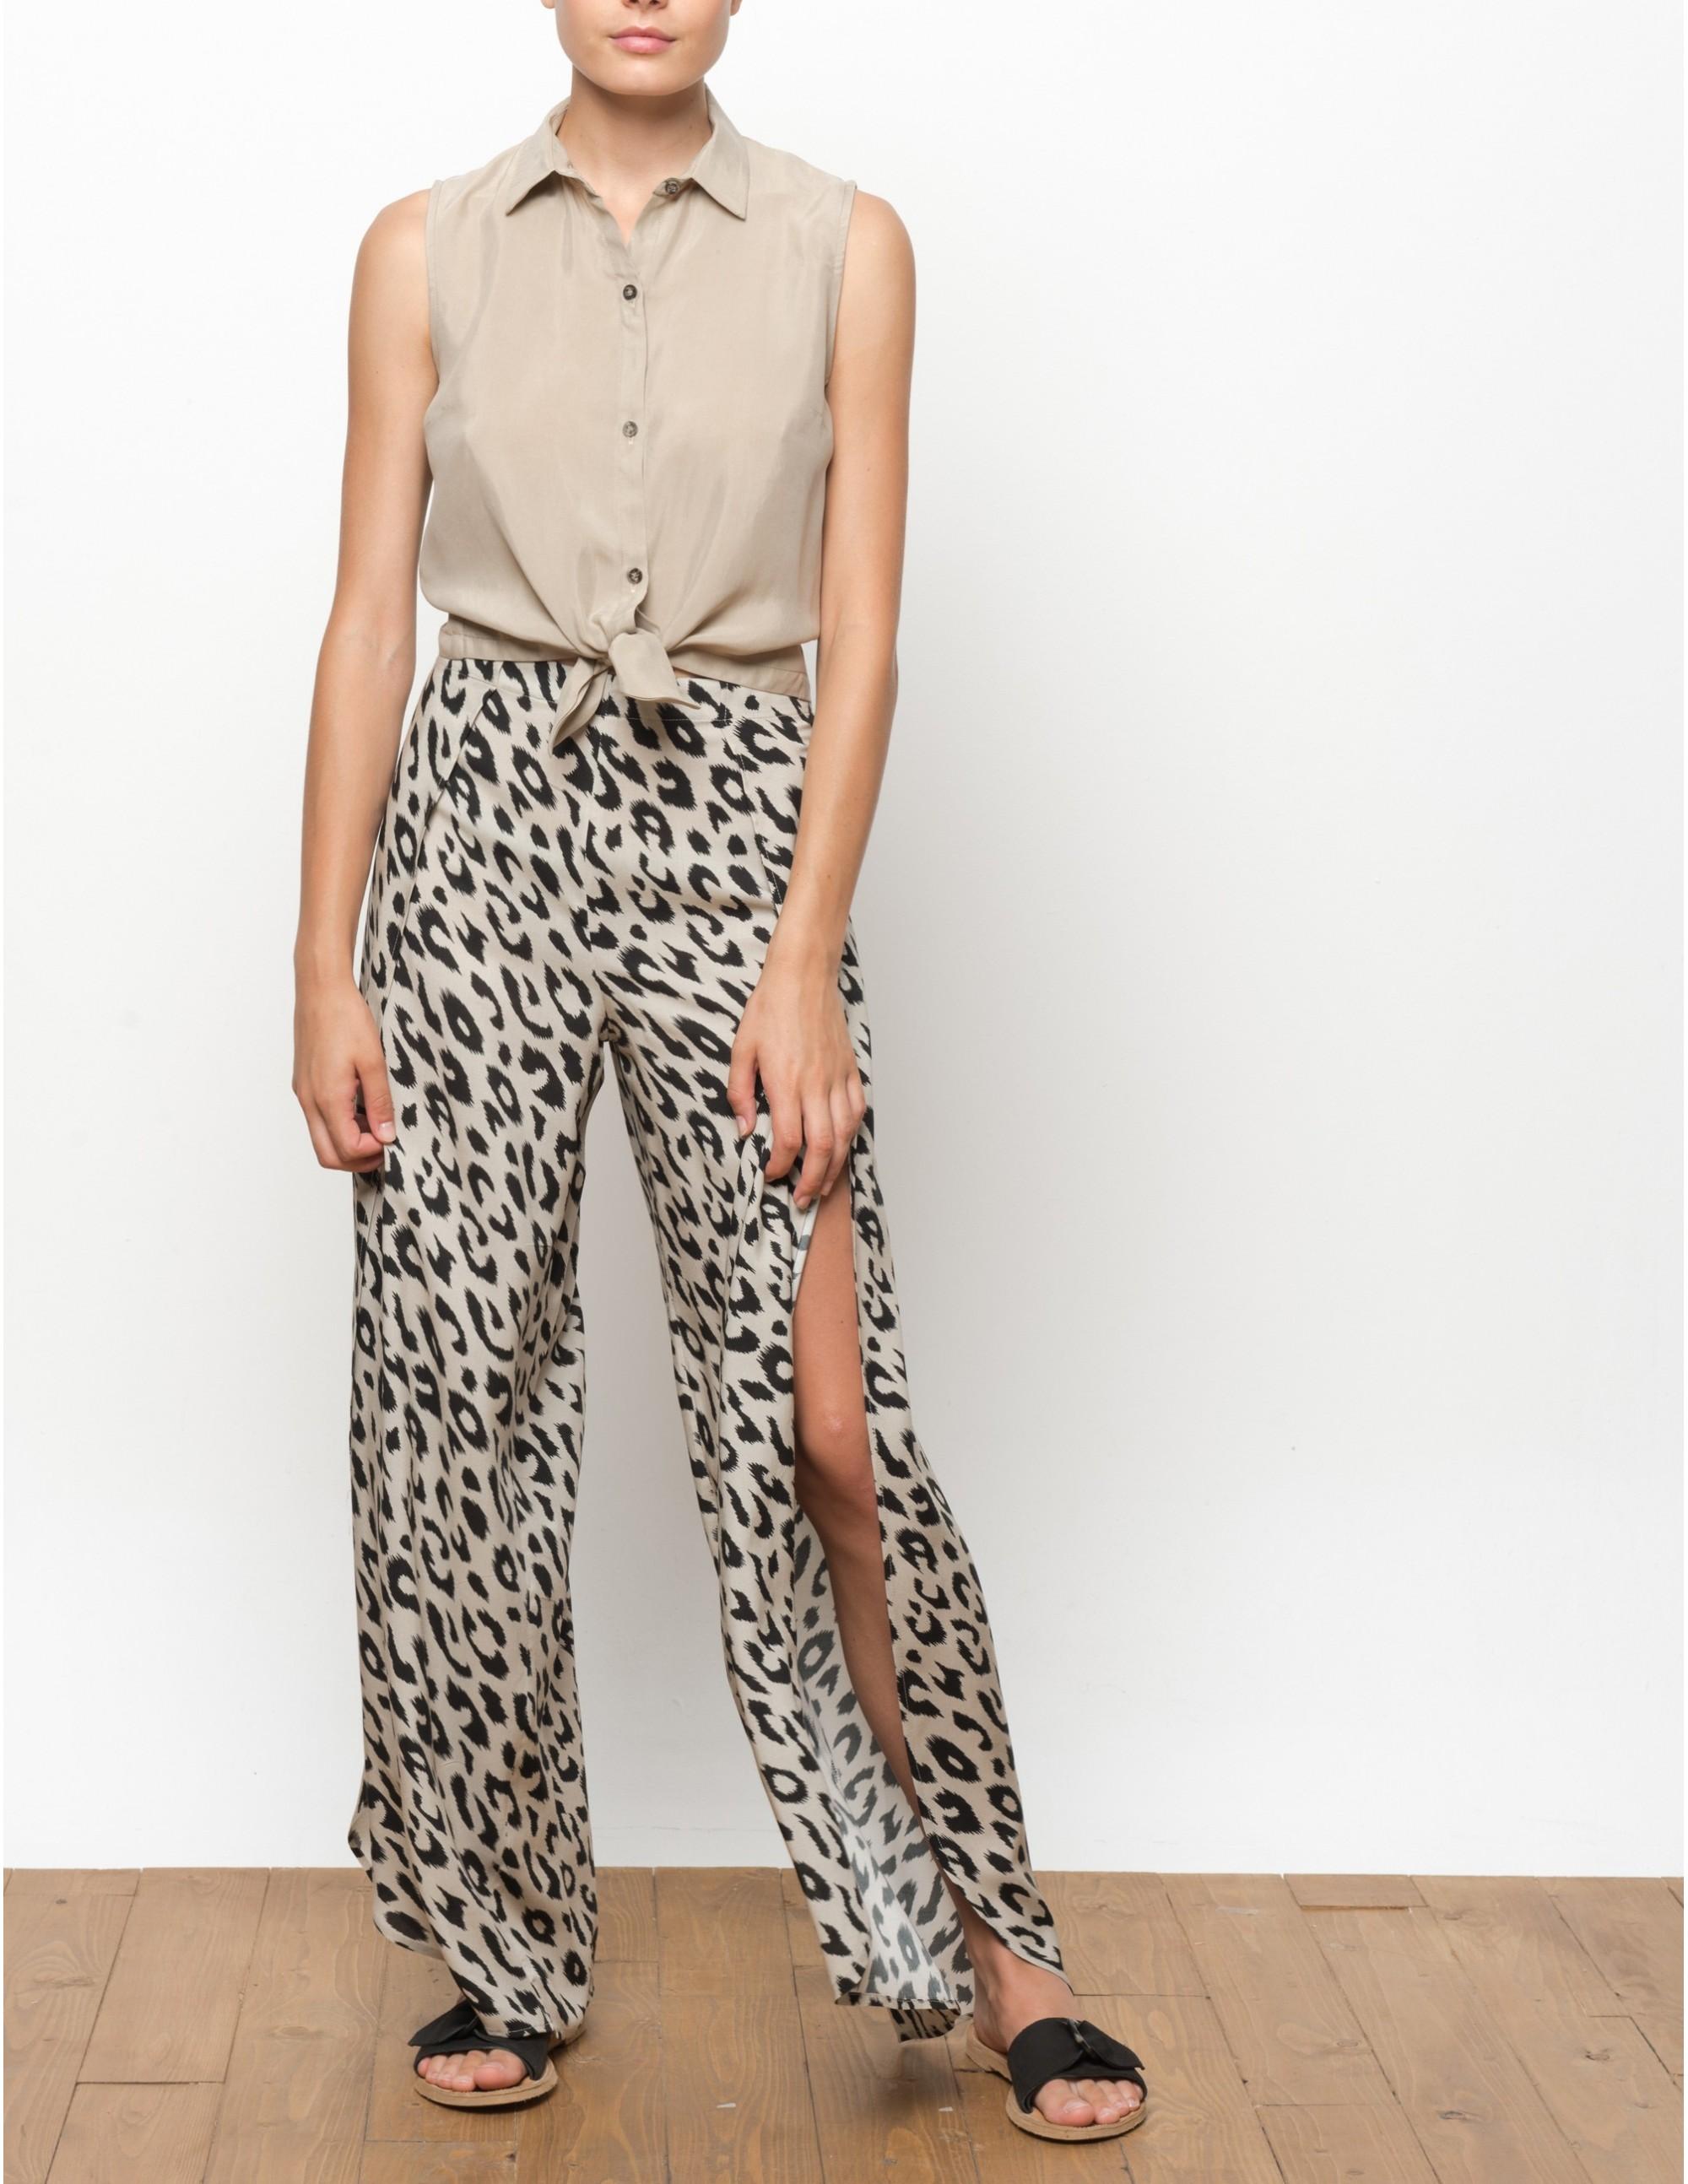 MISALI trousers - LEOPARD